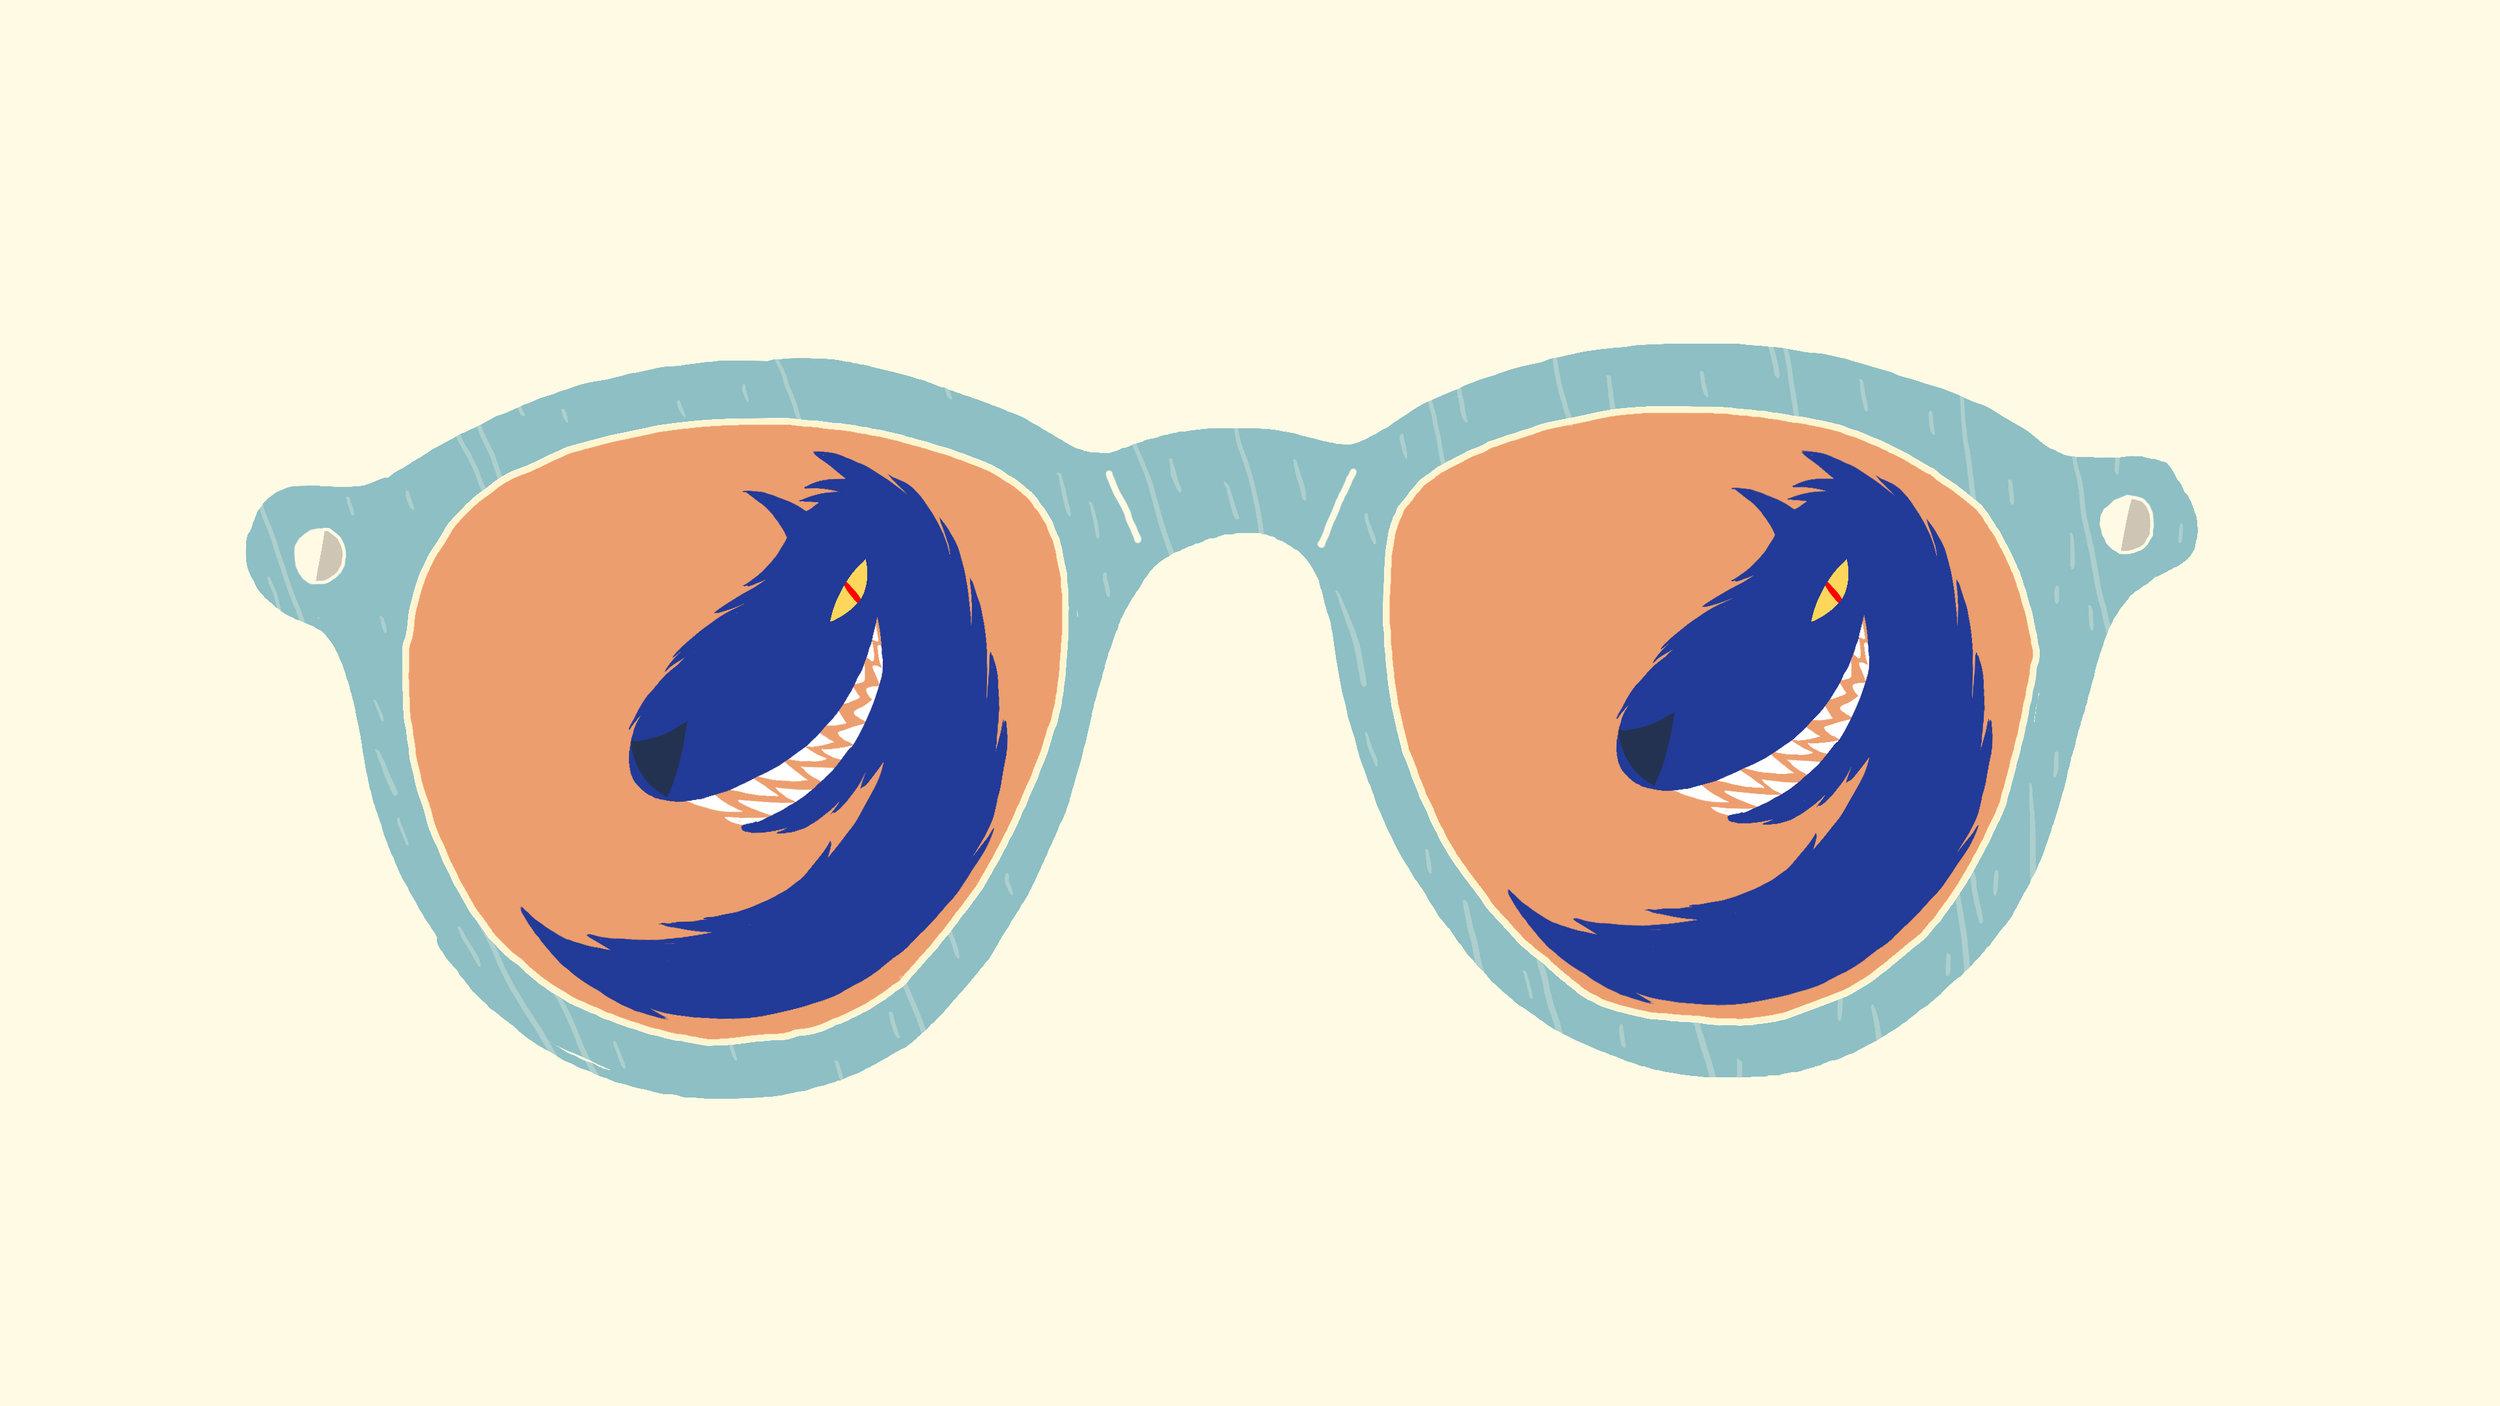 Oreo_AI_Design_Sunglasses_03.jpg